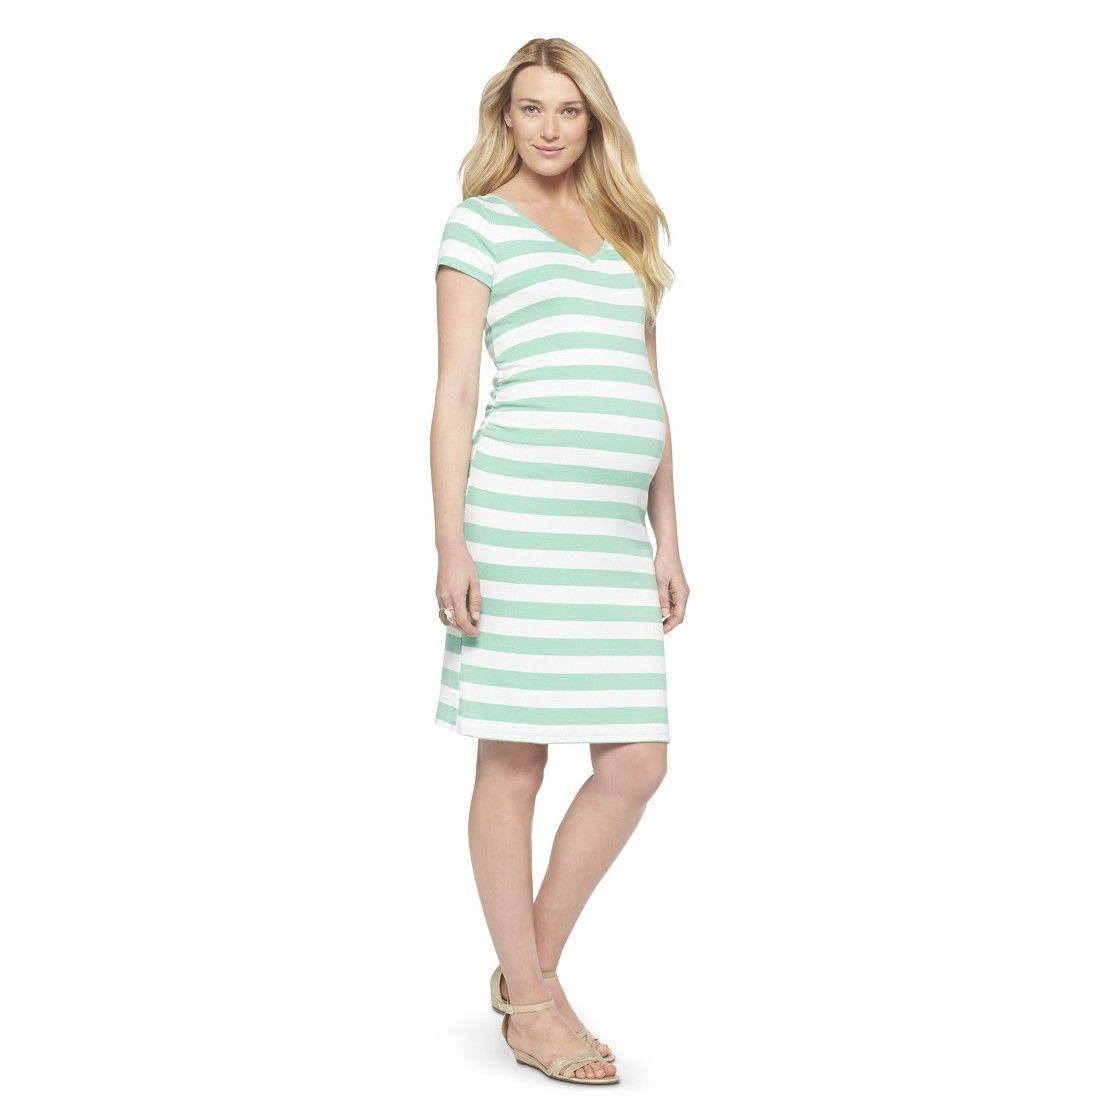 Maternity v neck tee shirt dress liz lange for target maternity v neck tee shirt dress liz lange for target ombrellifo Gallery